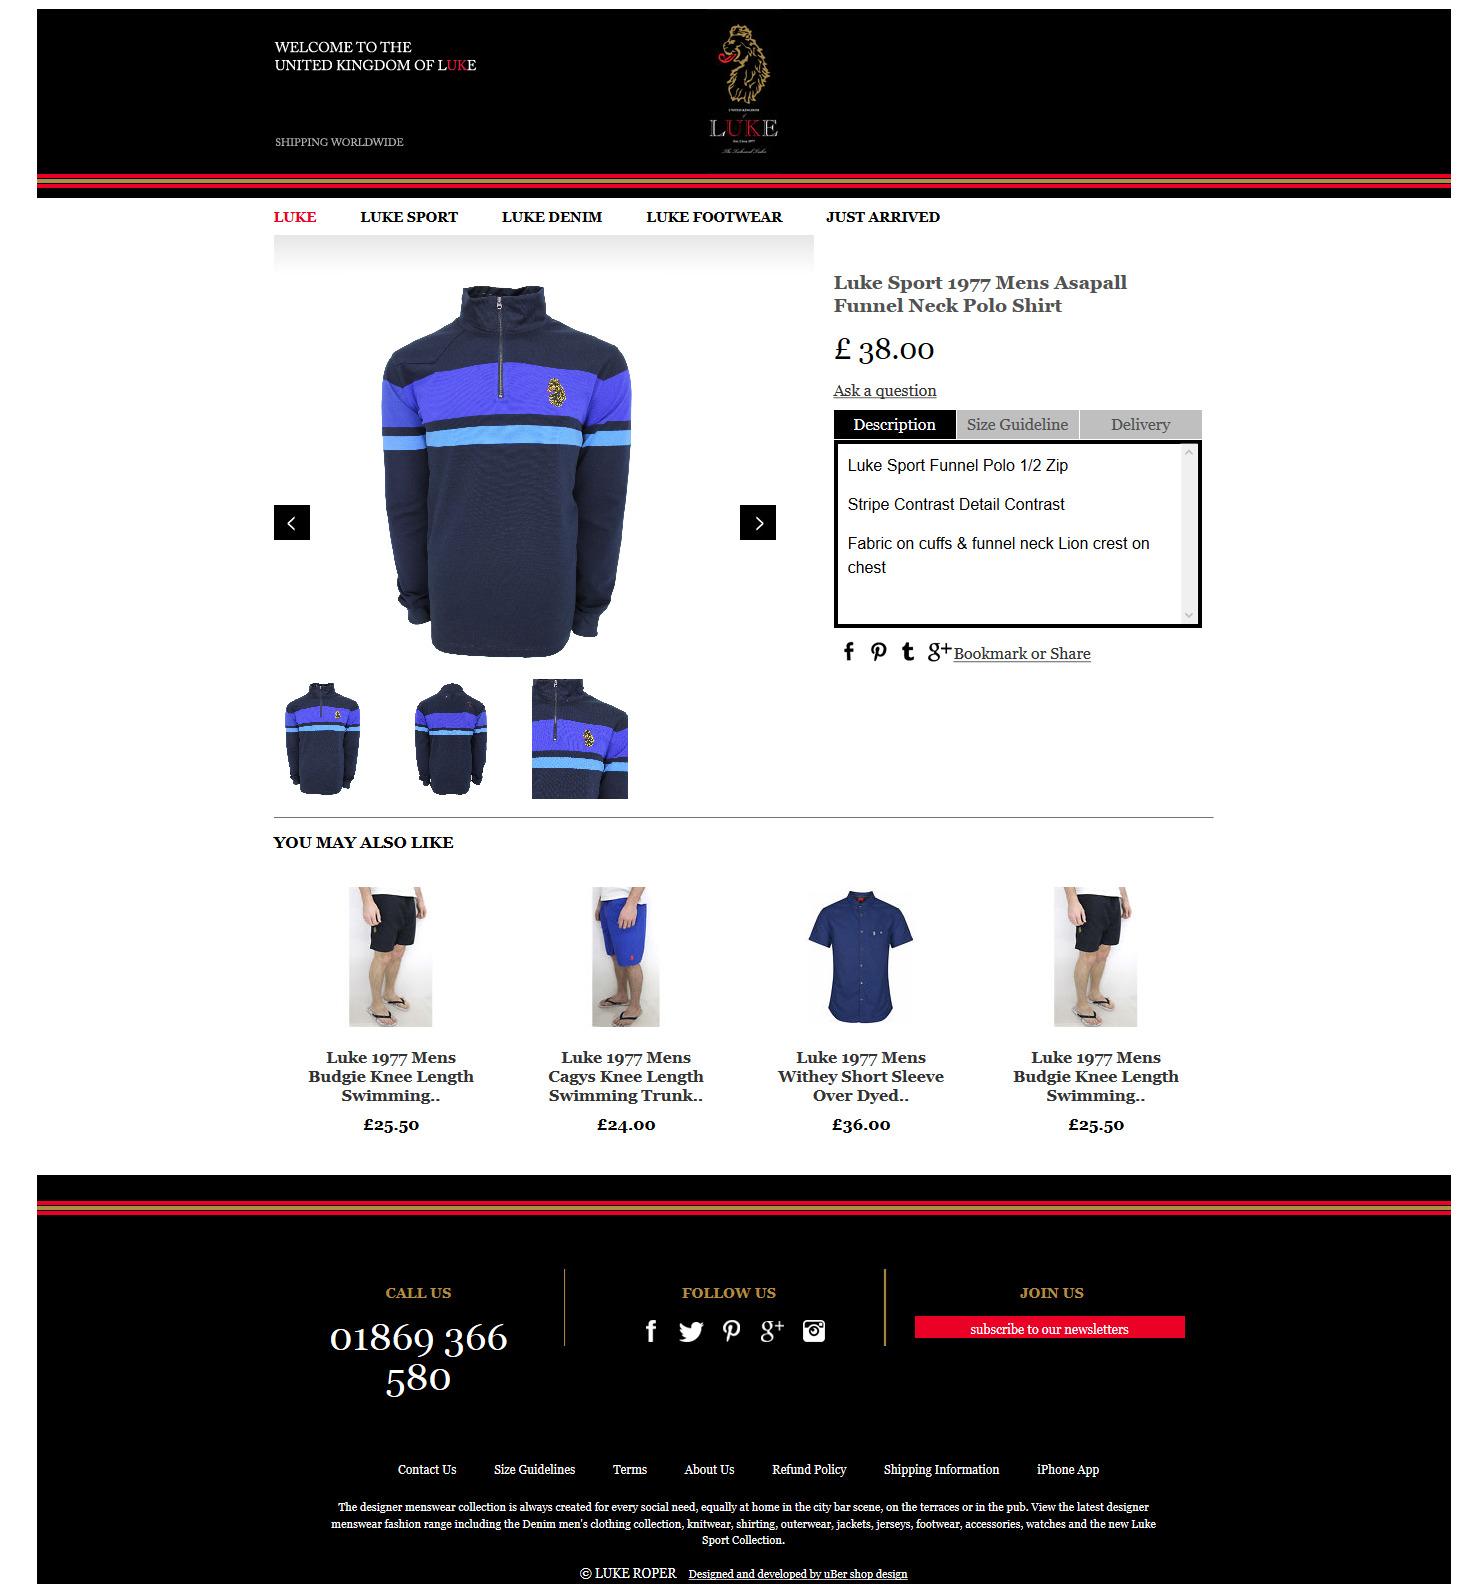 Luke Sport 1977 Mens Asapall Funnel Neck Polo Shirt - eBay 2015-07-07 11-48-58